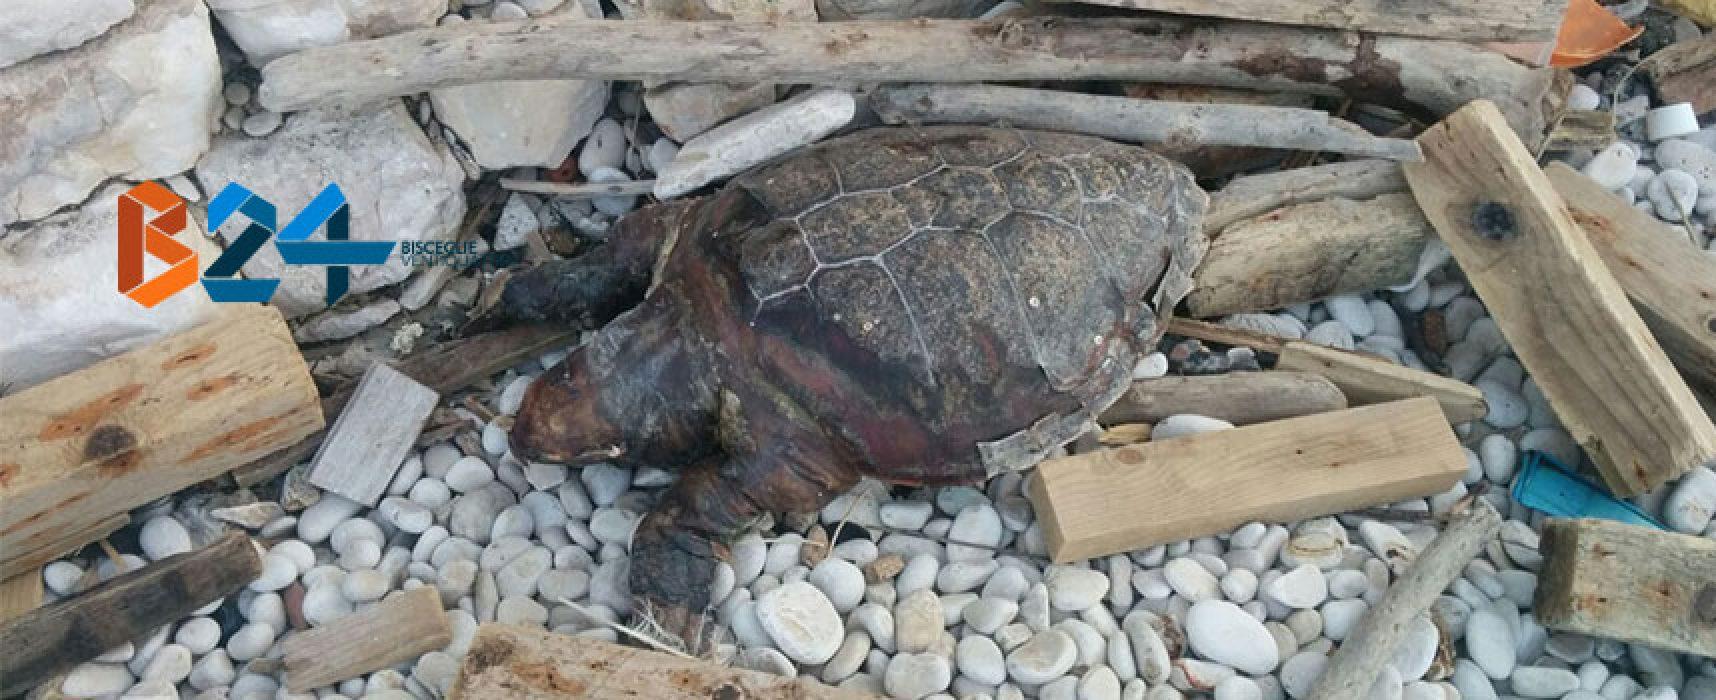 Carcassa di tartaruga ritrovata in zona Salsello